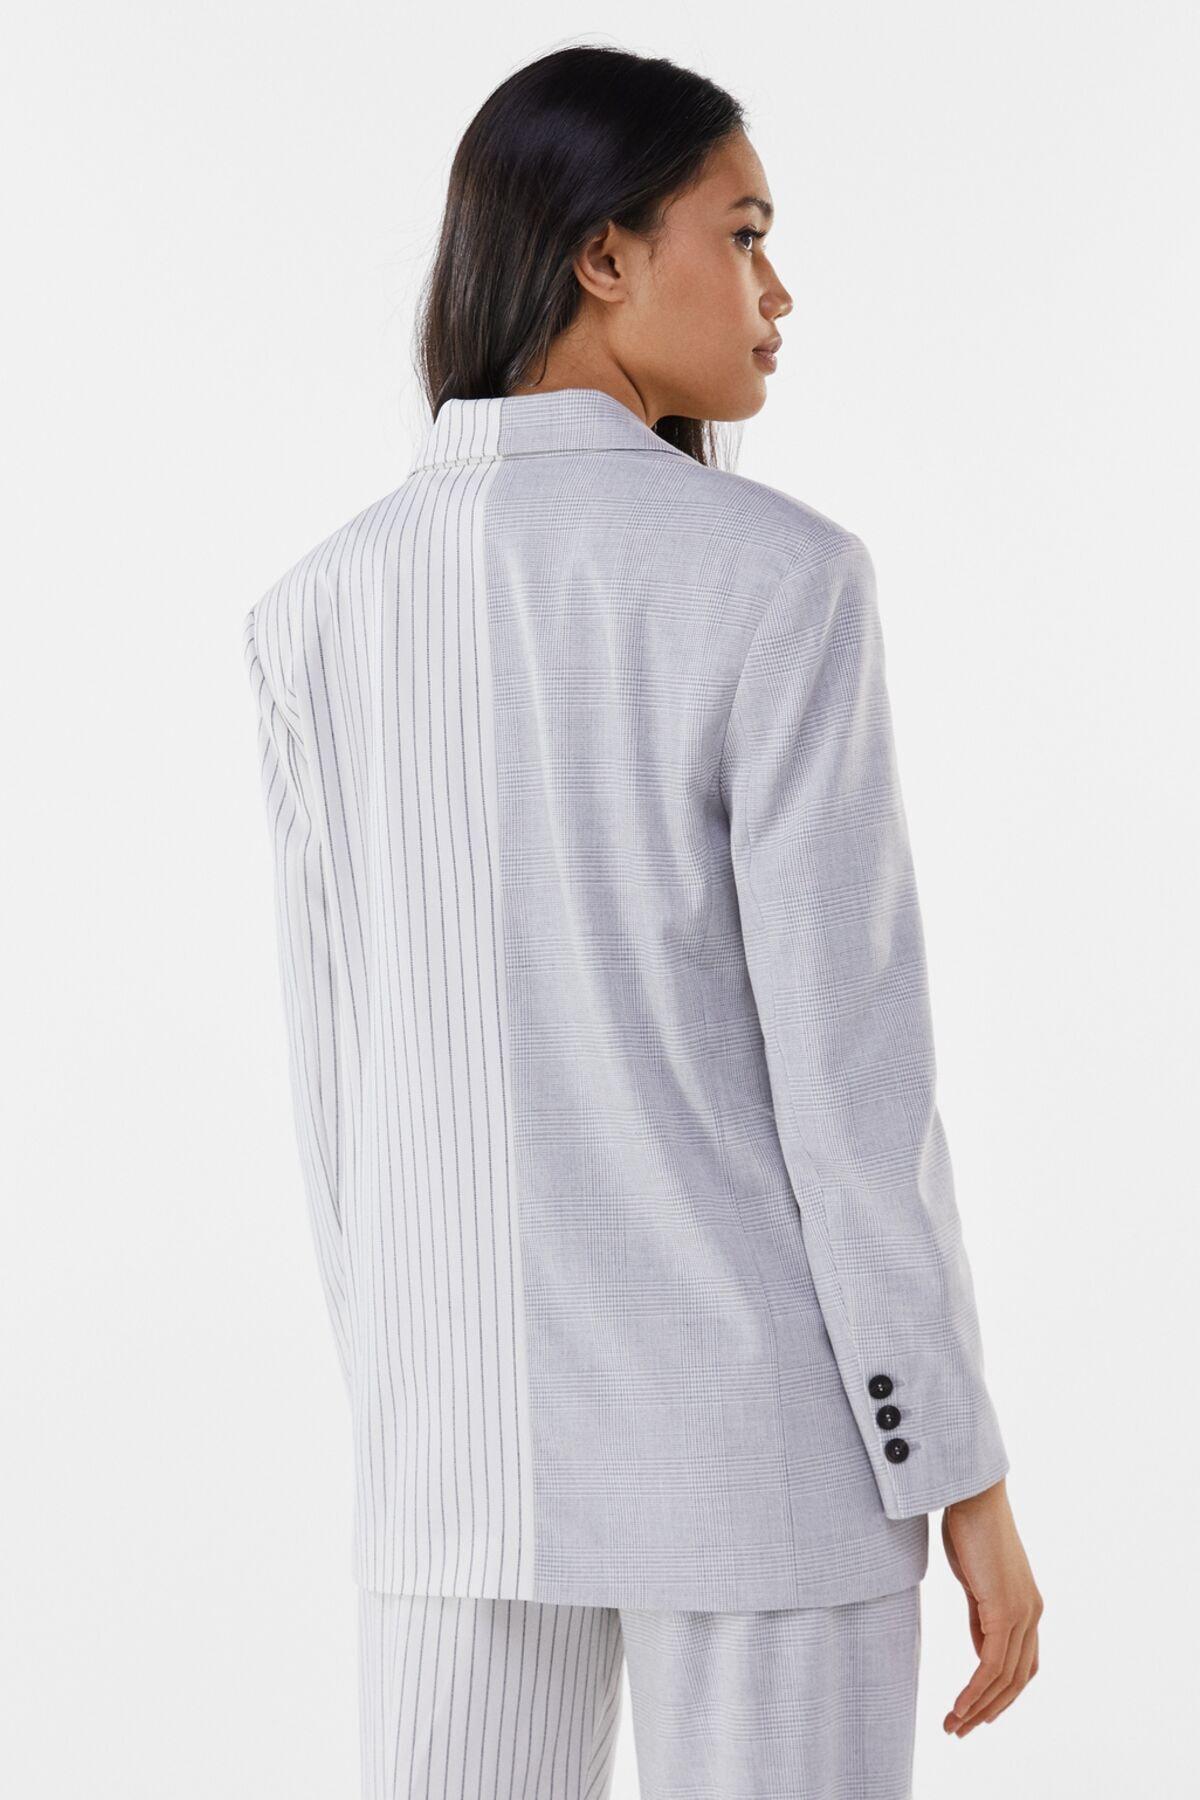 Bershka Kadın Gri Kontrast Klasik Kesim Blazer 01226168 1